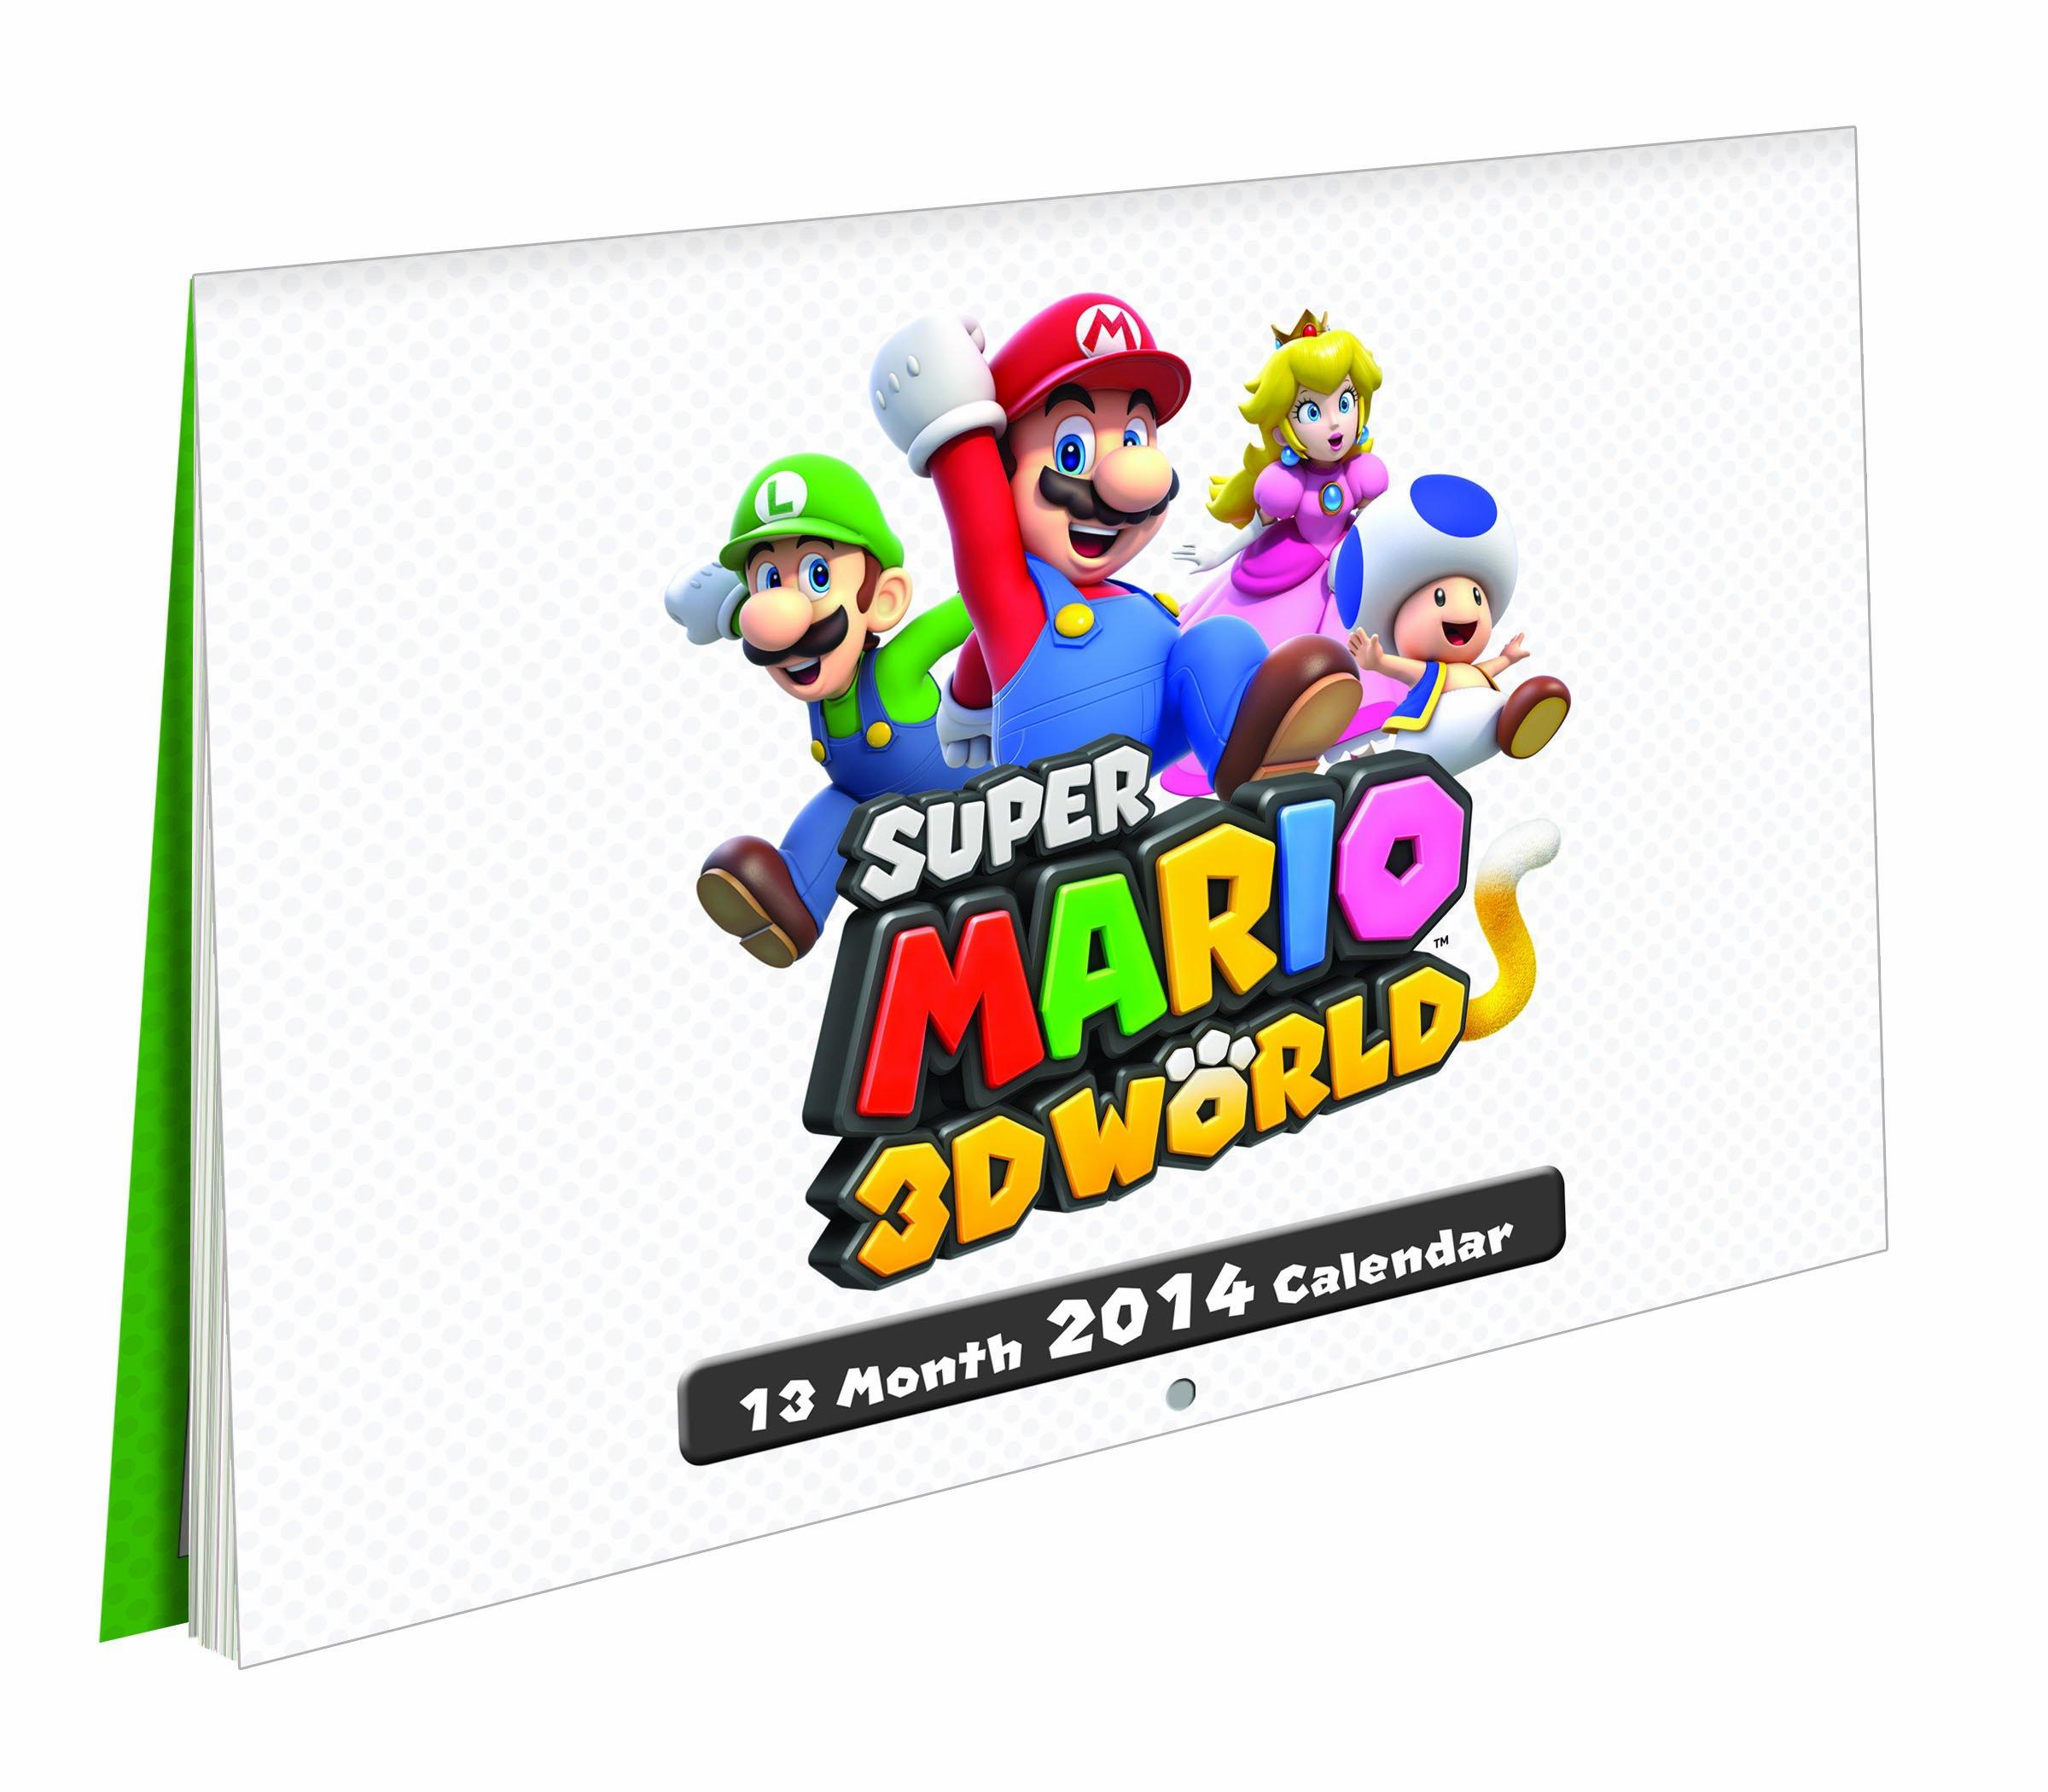 super mario 3d world collector s edition prima official game guide rh amazon com Super Mario Bros super mario 3d world prima official game guide pdf